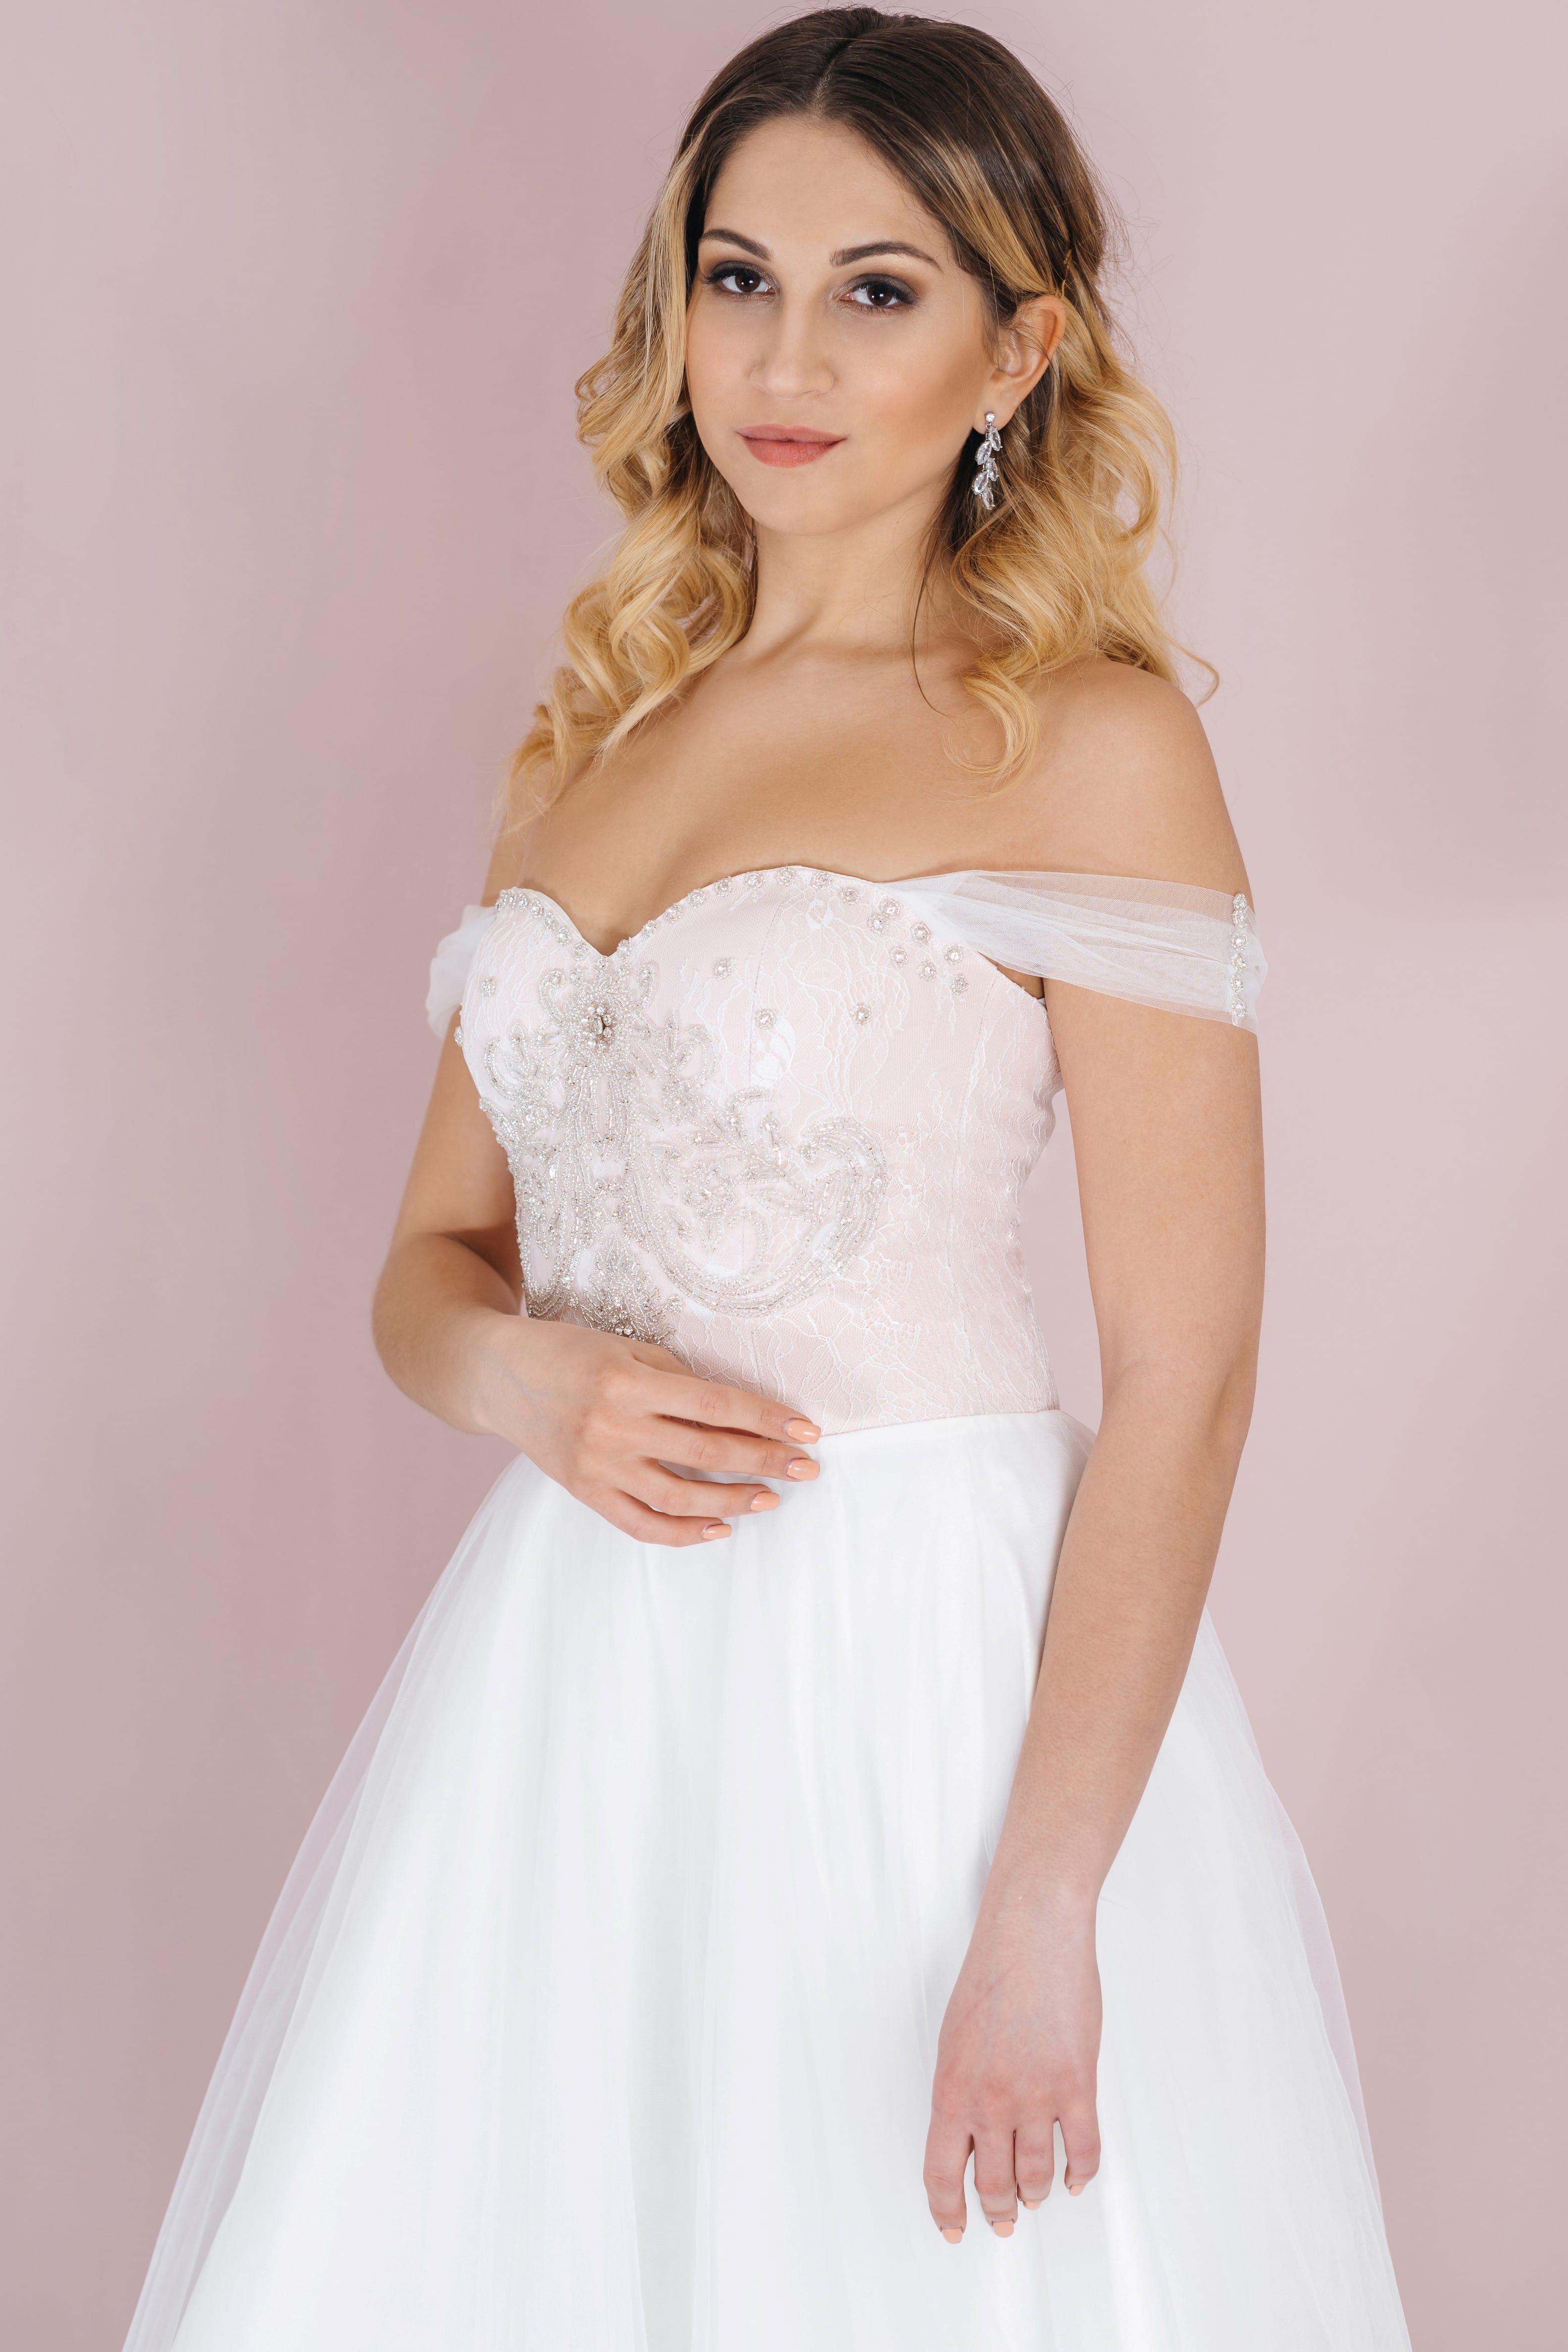 Свадебное платье BELISSA, коллекция LOFT, бренд RARE BRIDAL, фото 5